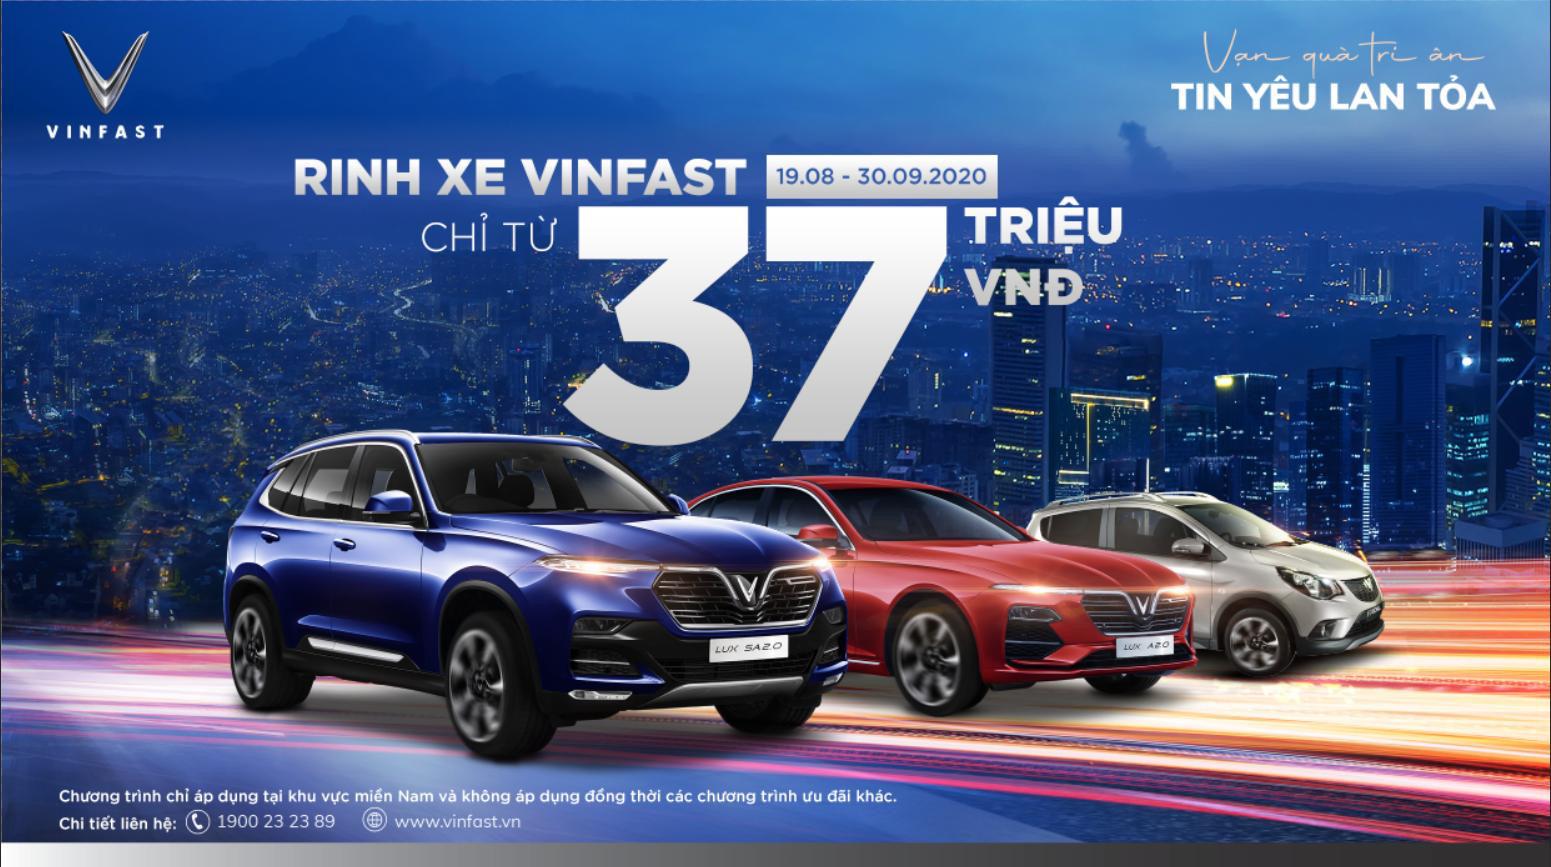 Mua xe VinFast chỉ với 37 triệu đồng đến hết ngày 30/9/2020